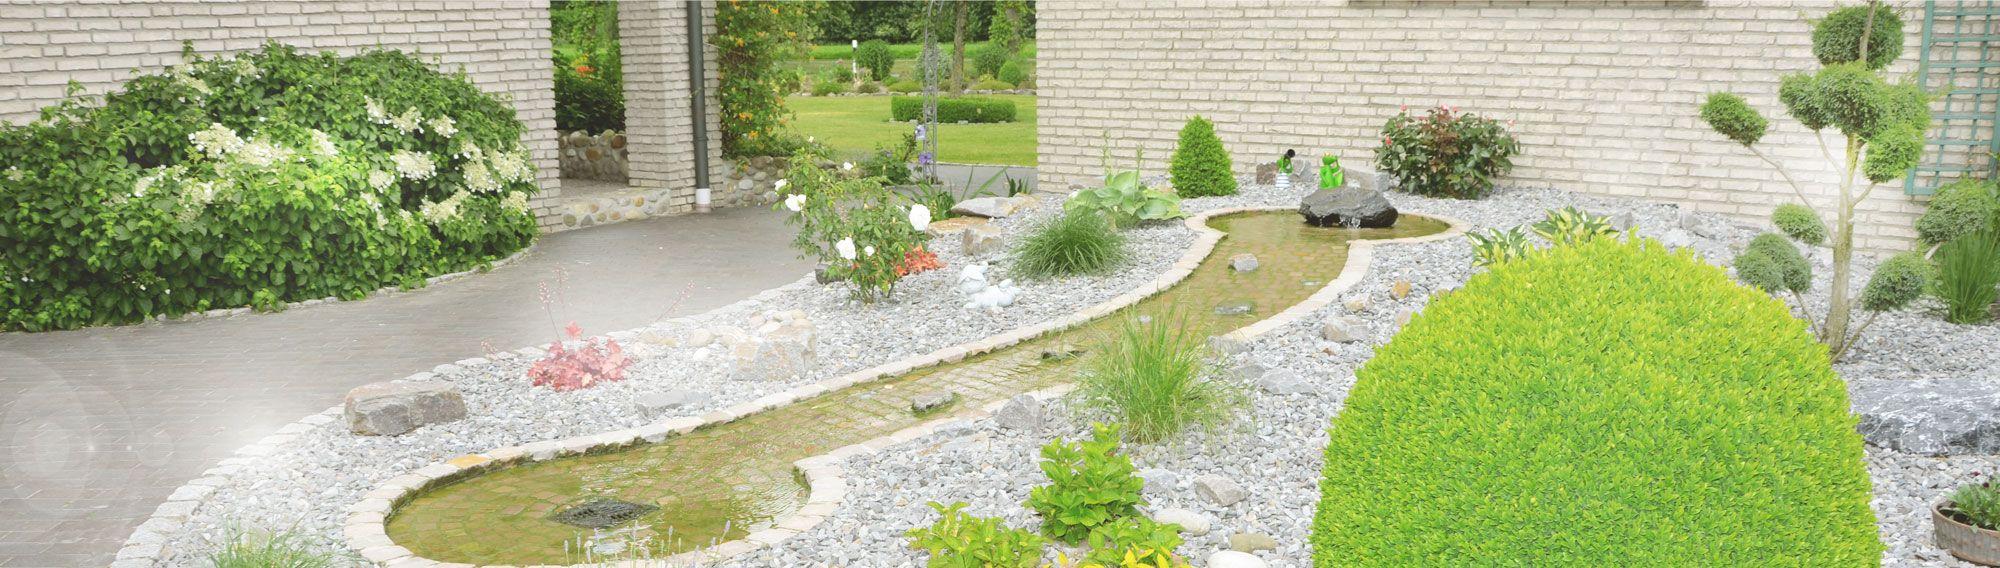 Hachmann GmbH & Co. KG Garten- und Landschaftsbau